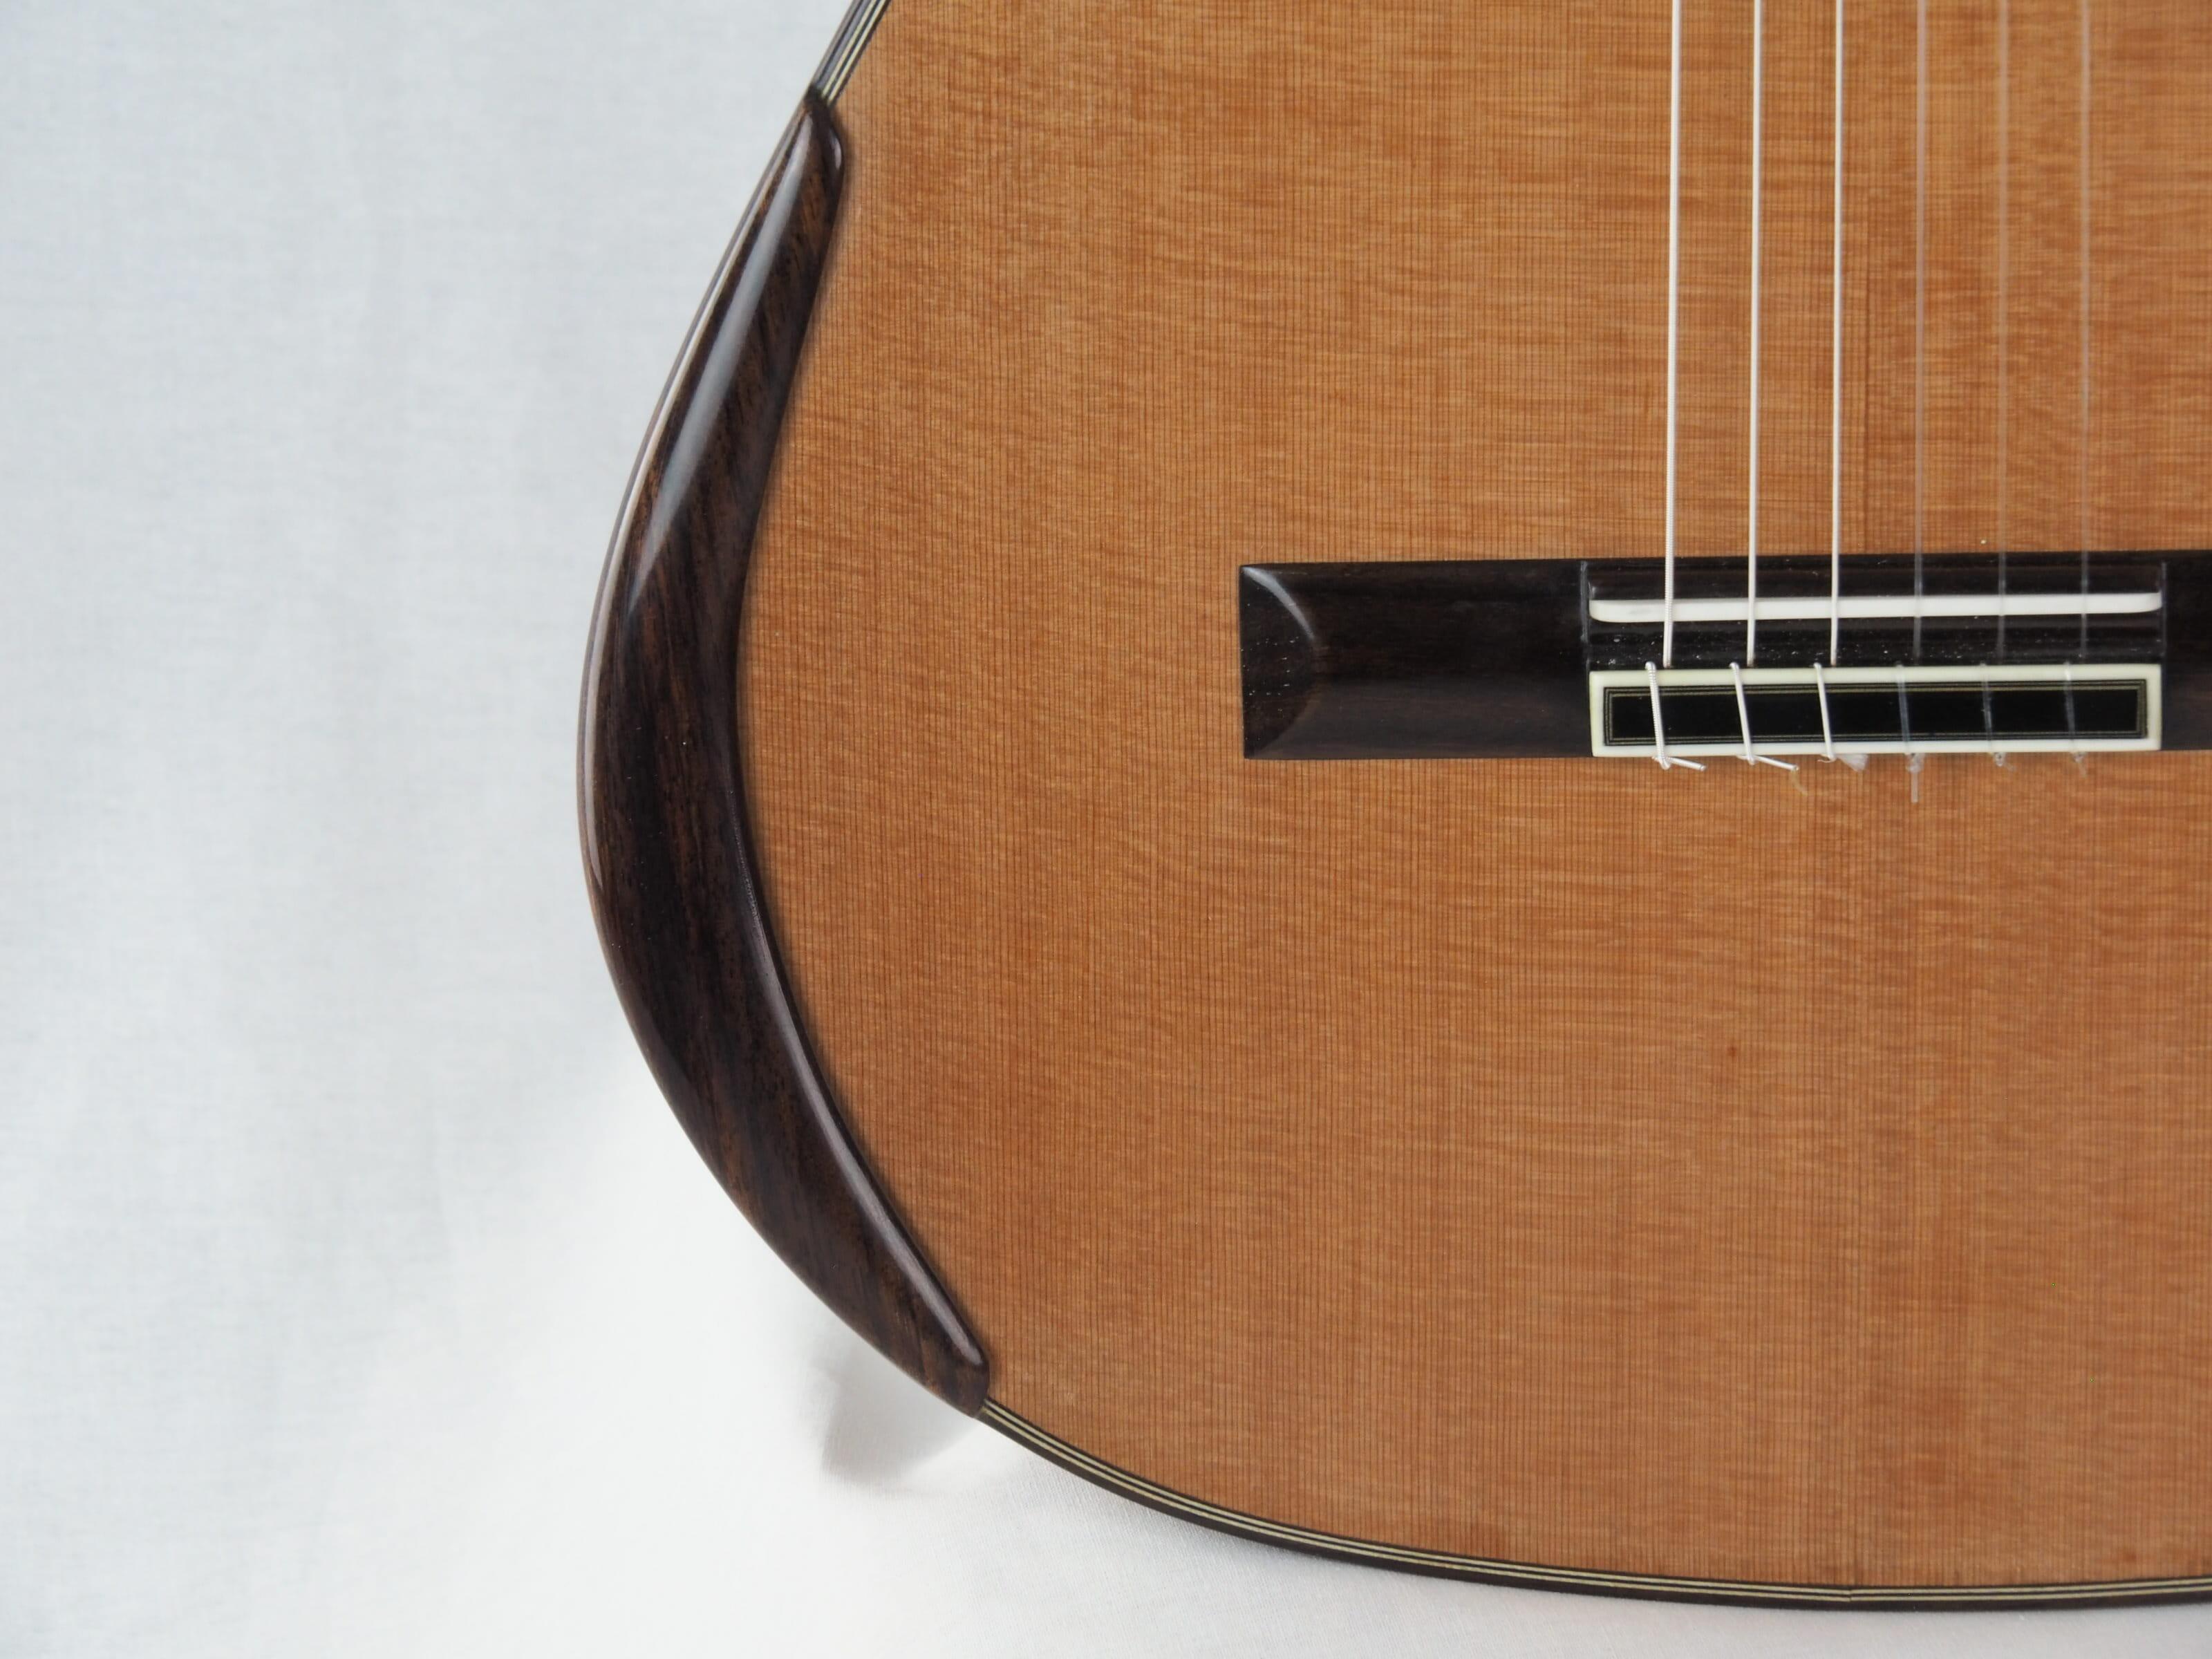 Charalampos Koumridis luthier guitare classique No 19KOU131-07